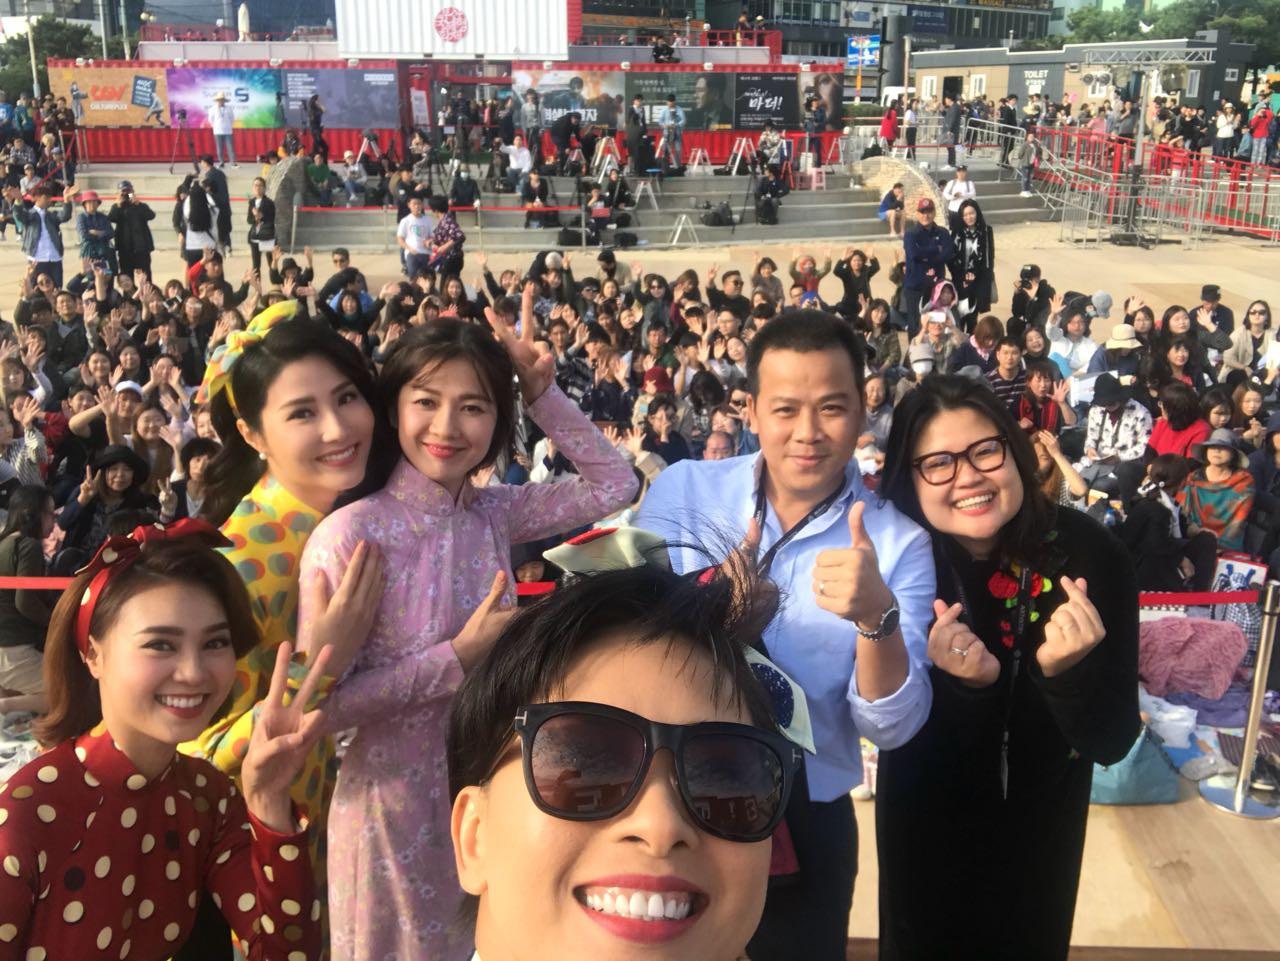 1000 vé đầu tiên của Cô Ba Sài Gòn được tẩu tán sạch sẽ tại Hàn Quốc - Ảnh 2.